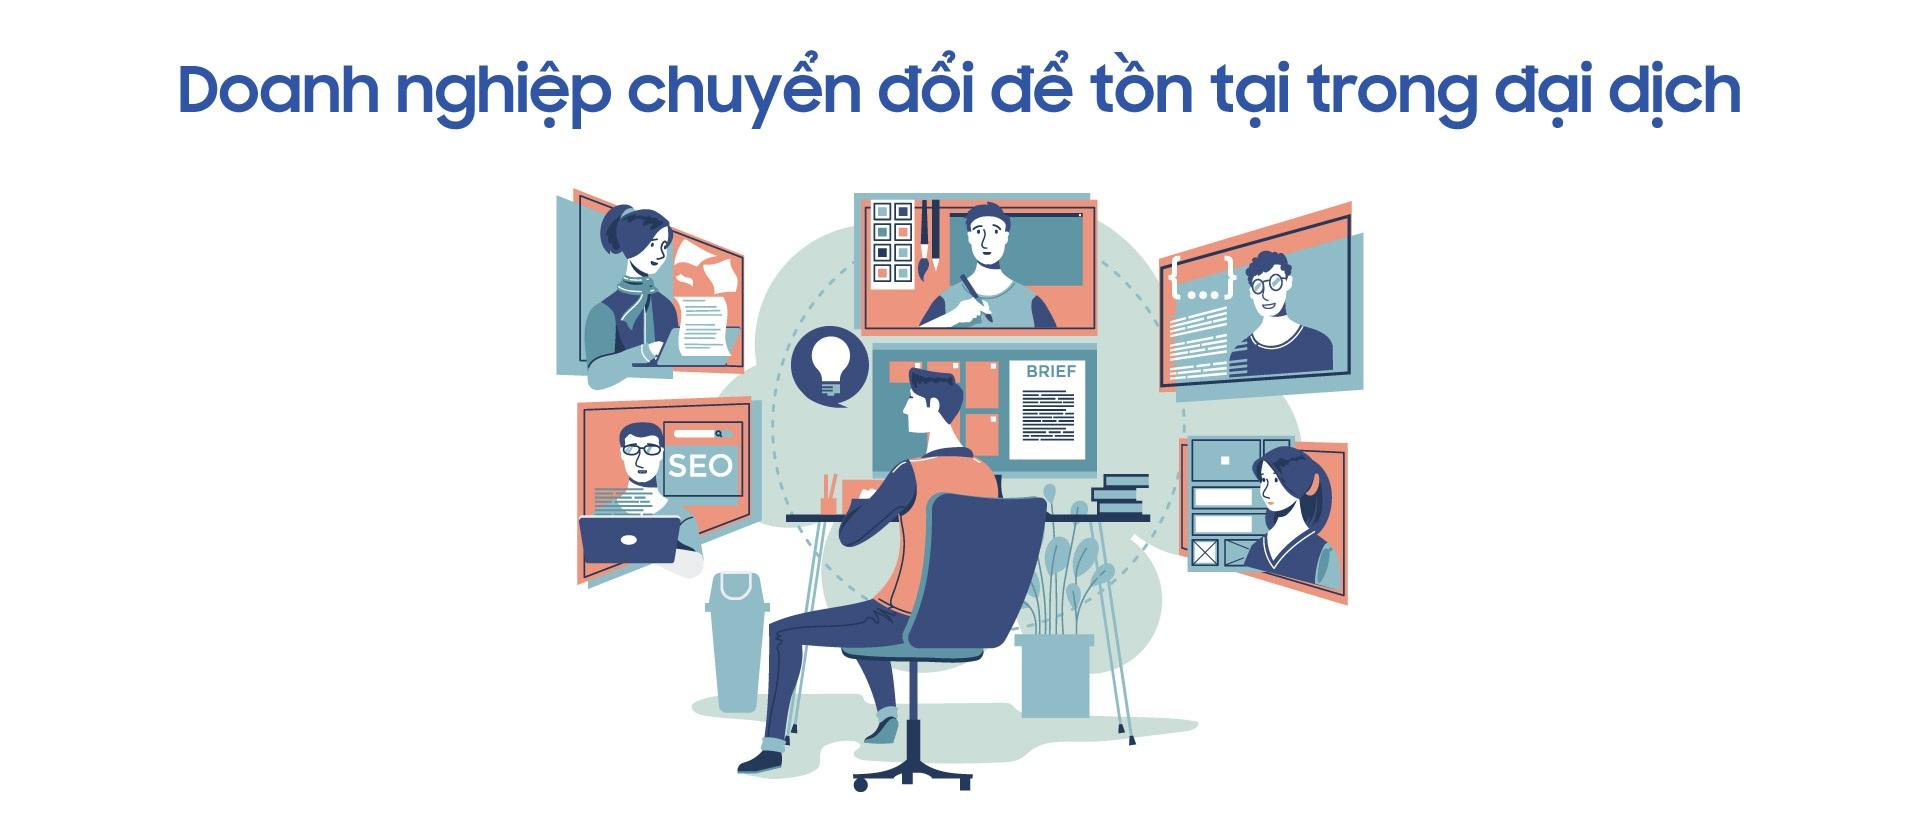 Chuyện thương trường 2020: Biến số Covid-19 và lời giải của doanh nghiệp Việt - Ảnh 1.